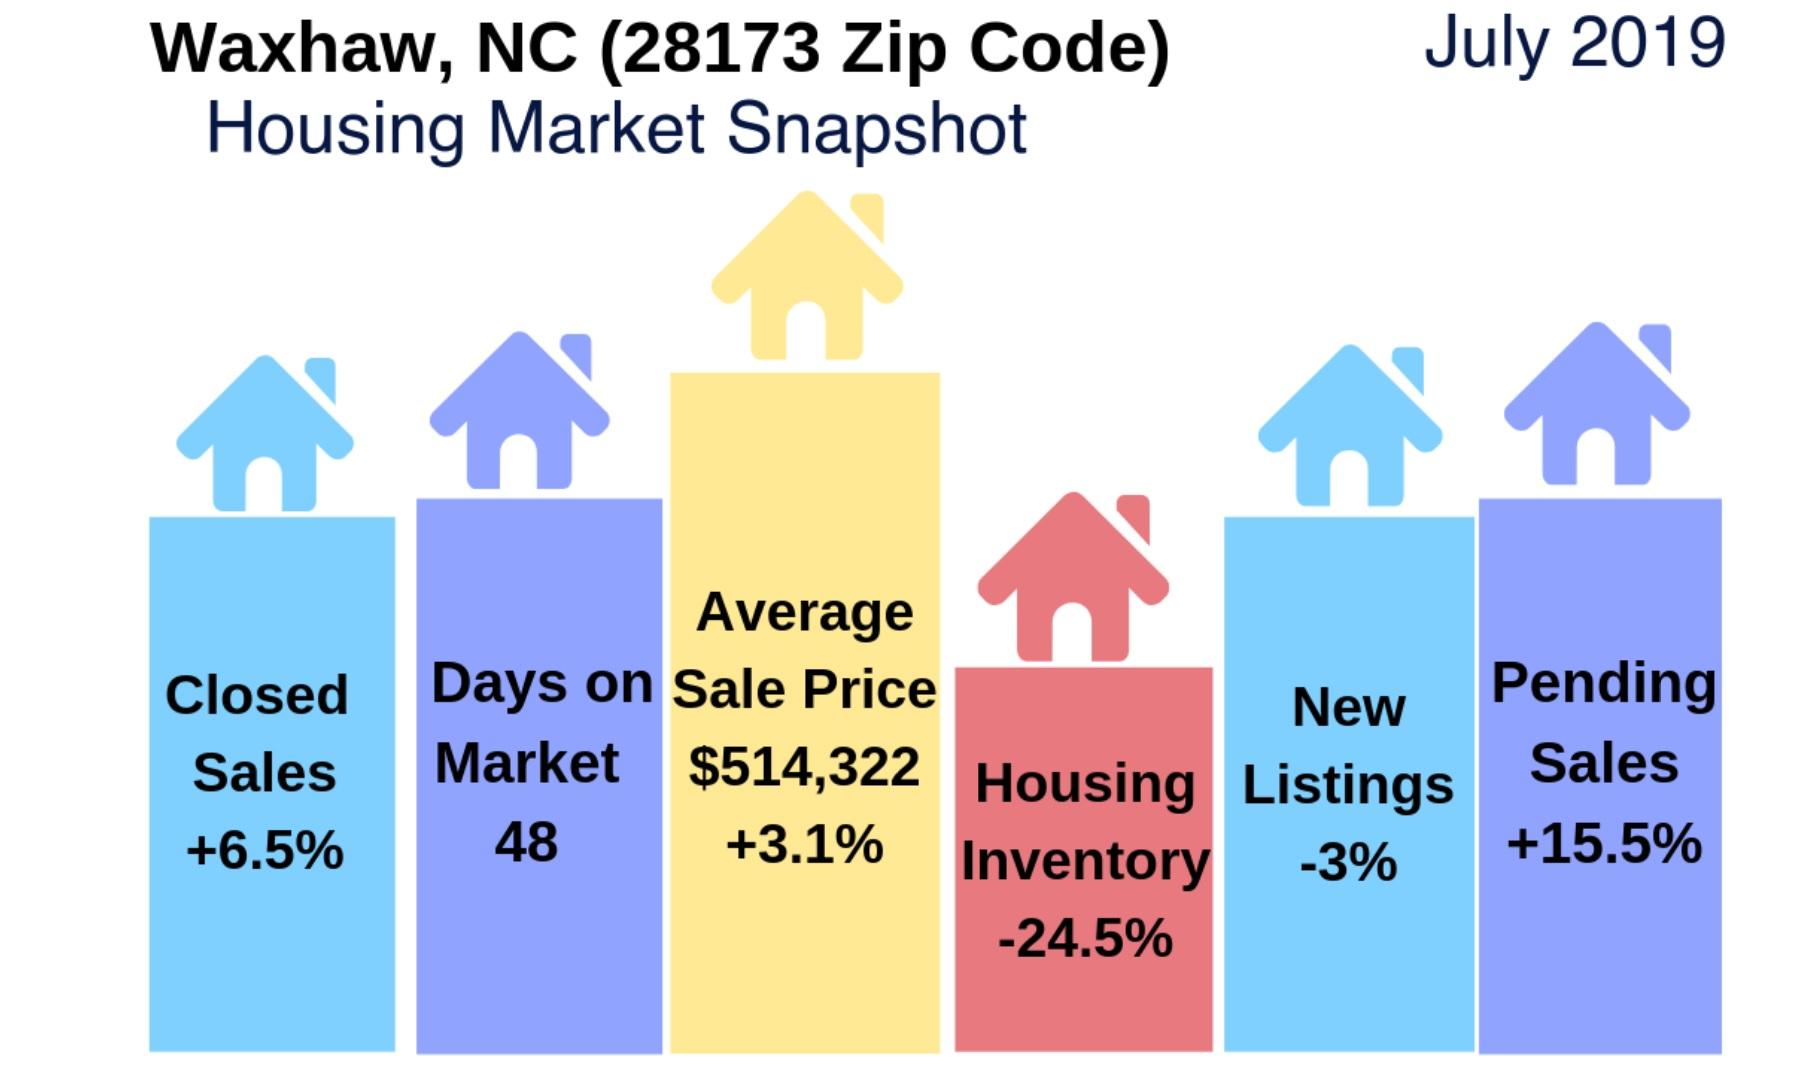 Waxhaw (28173 Zip Code) Real Estate Report: July 2019